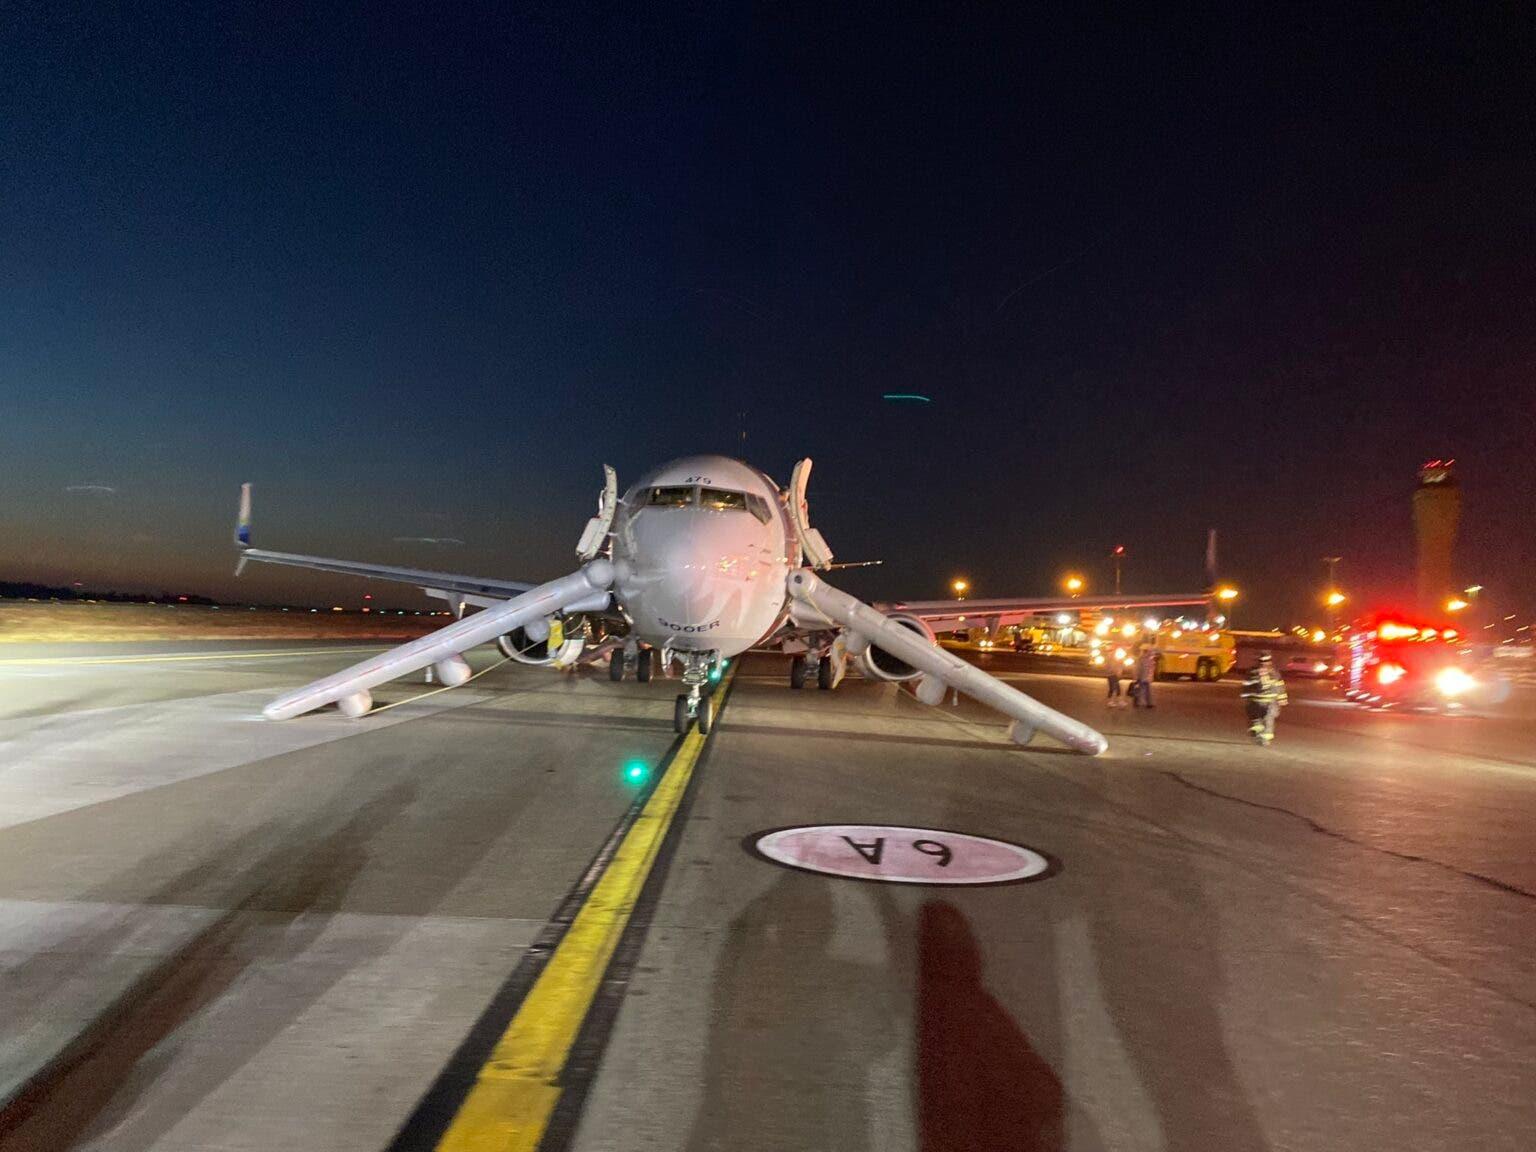 Займання смартфона Samsung закінчилося евакуацією пасажирів літака